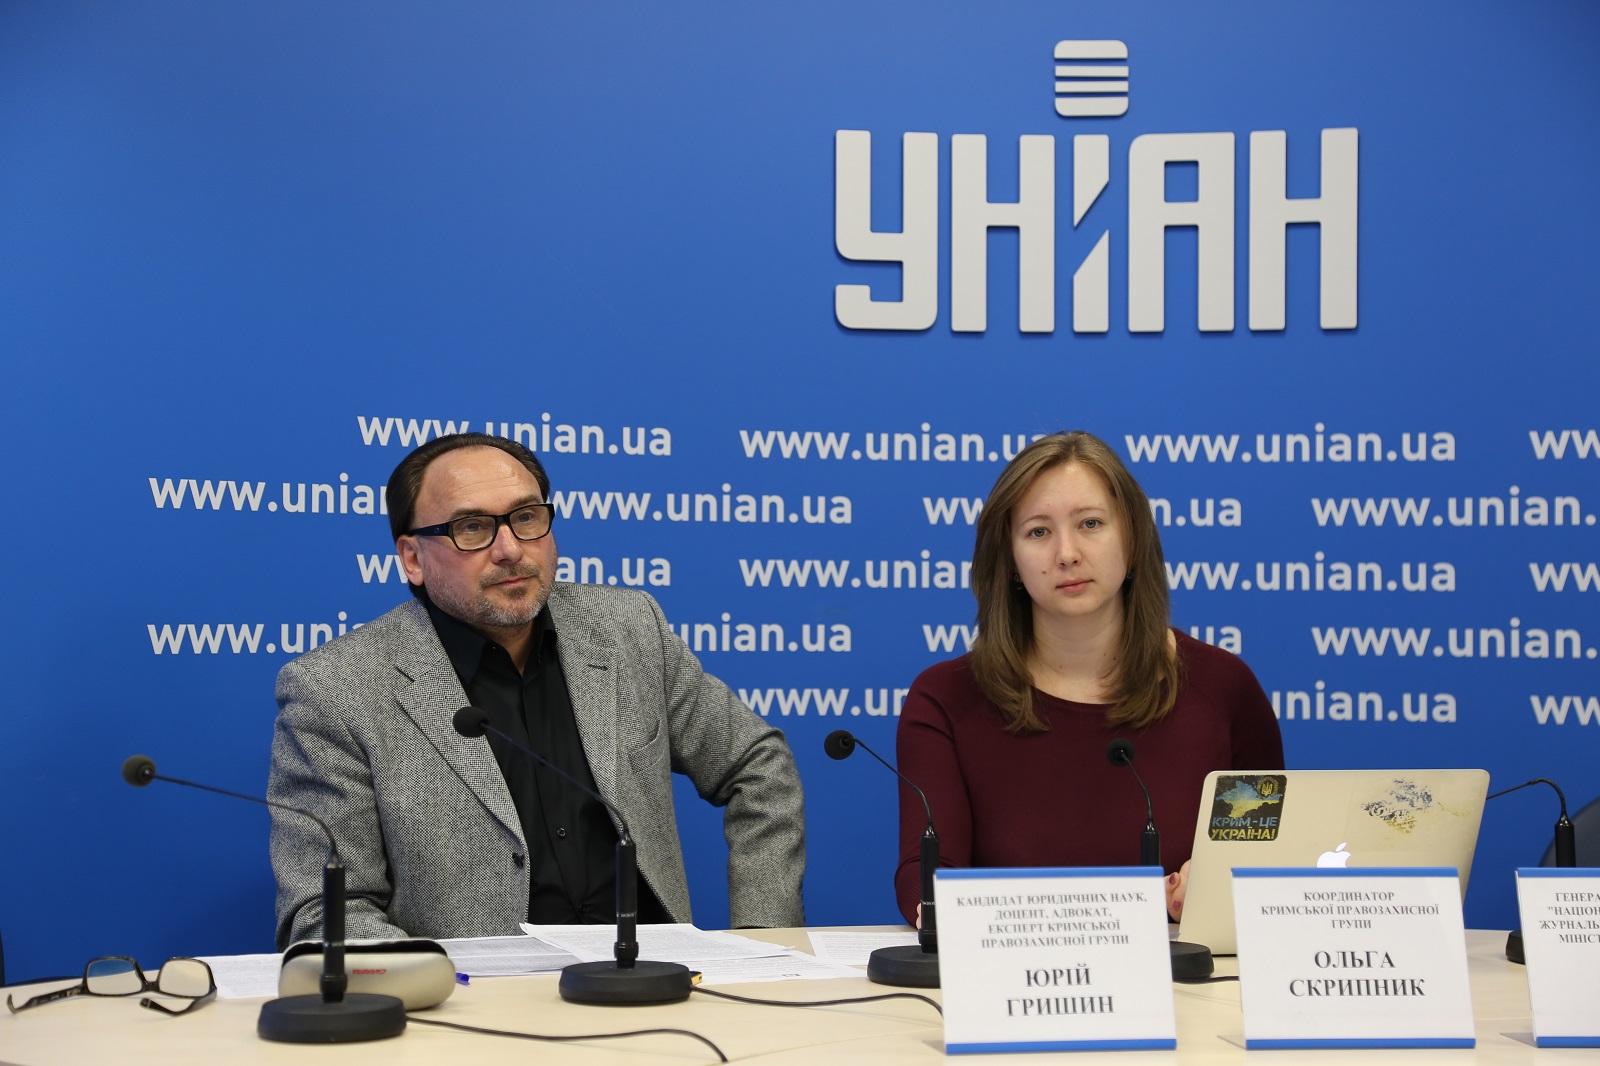 ФСБ у Криму фабрикує справу проти українського активіста Володимира Балуха